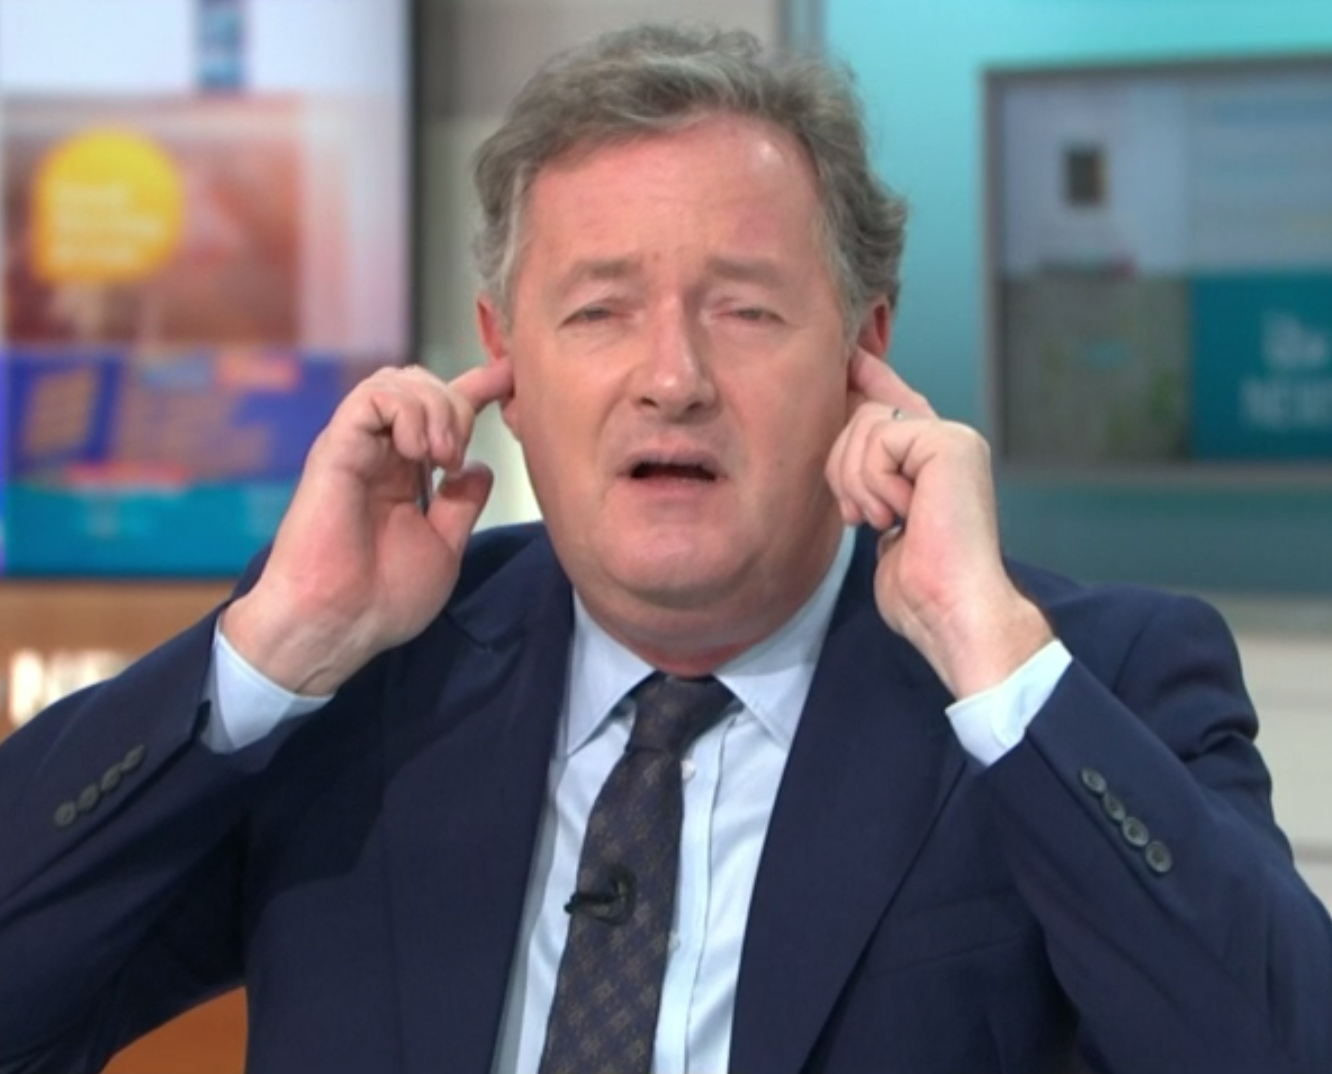 Piers Morgan (Credit: ITV)